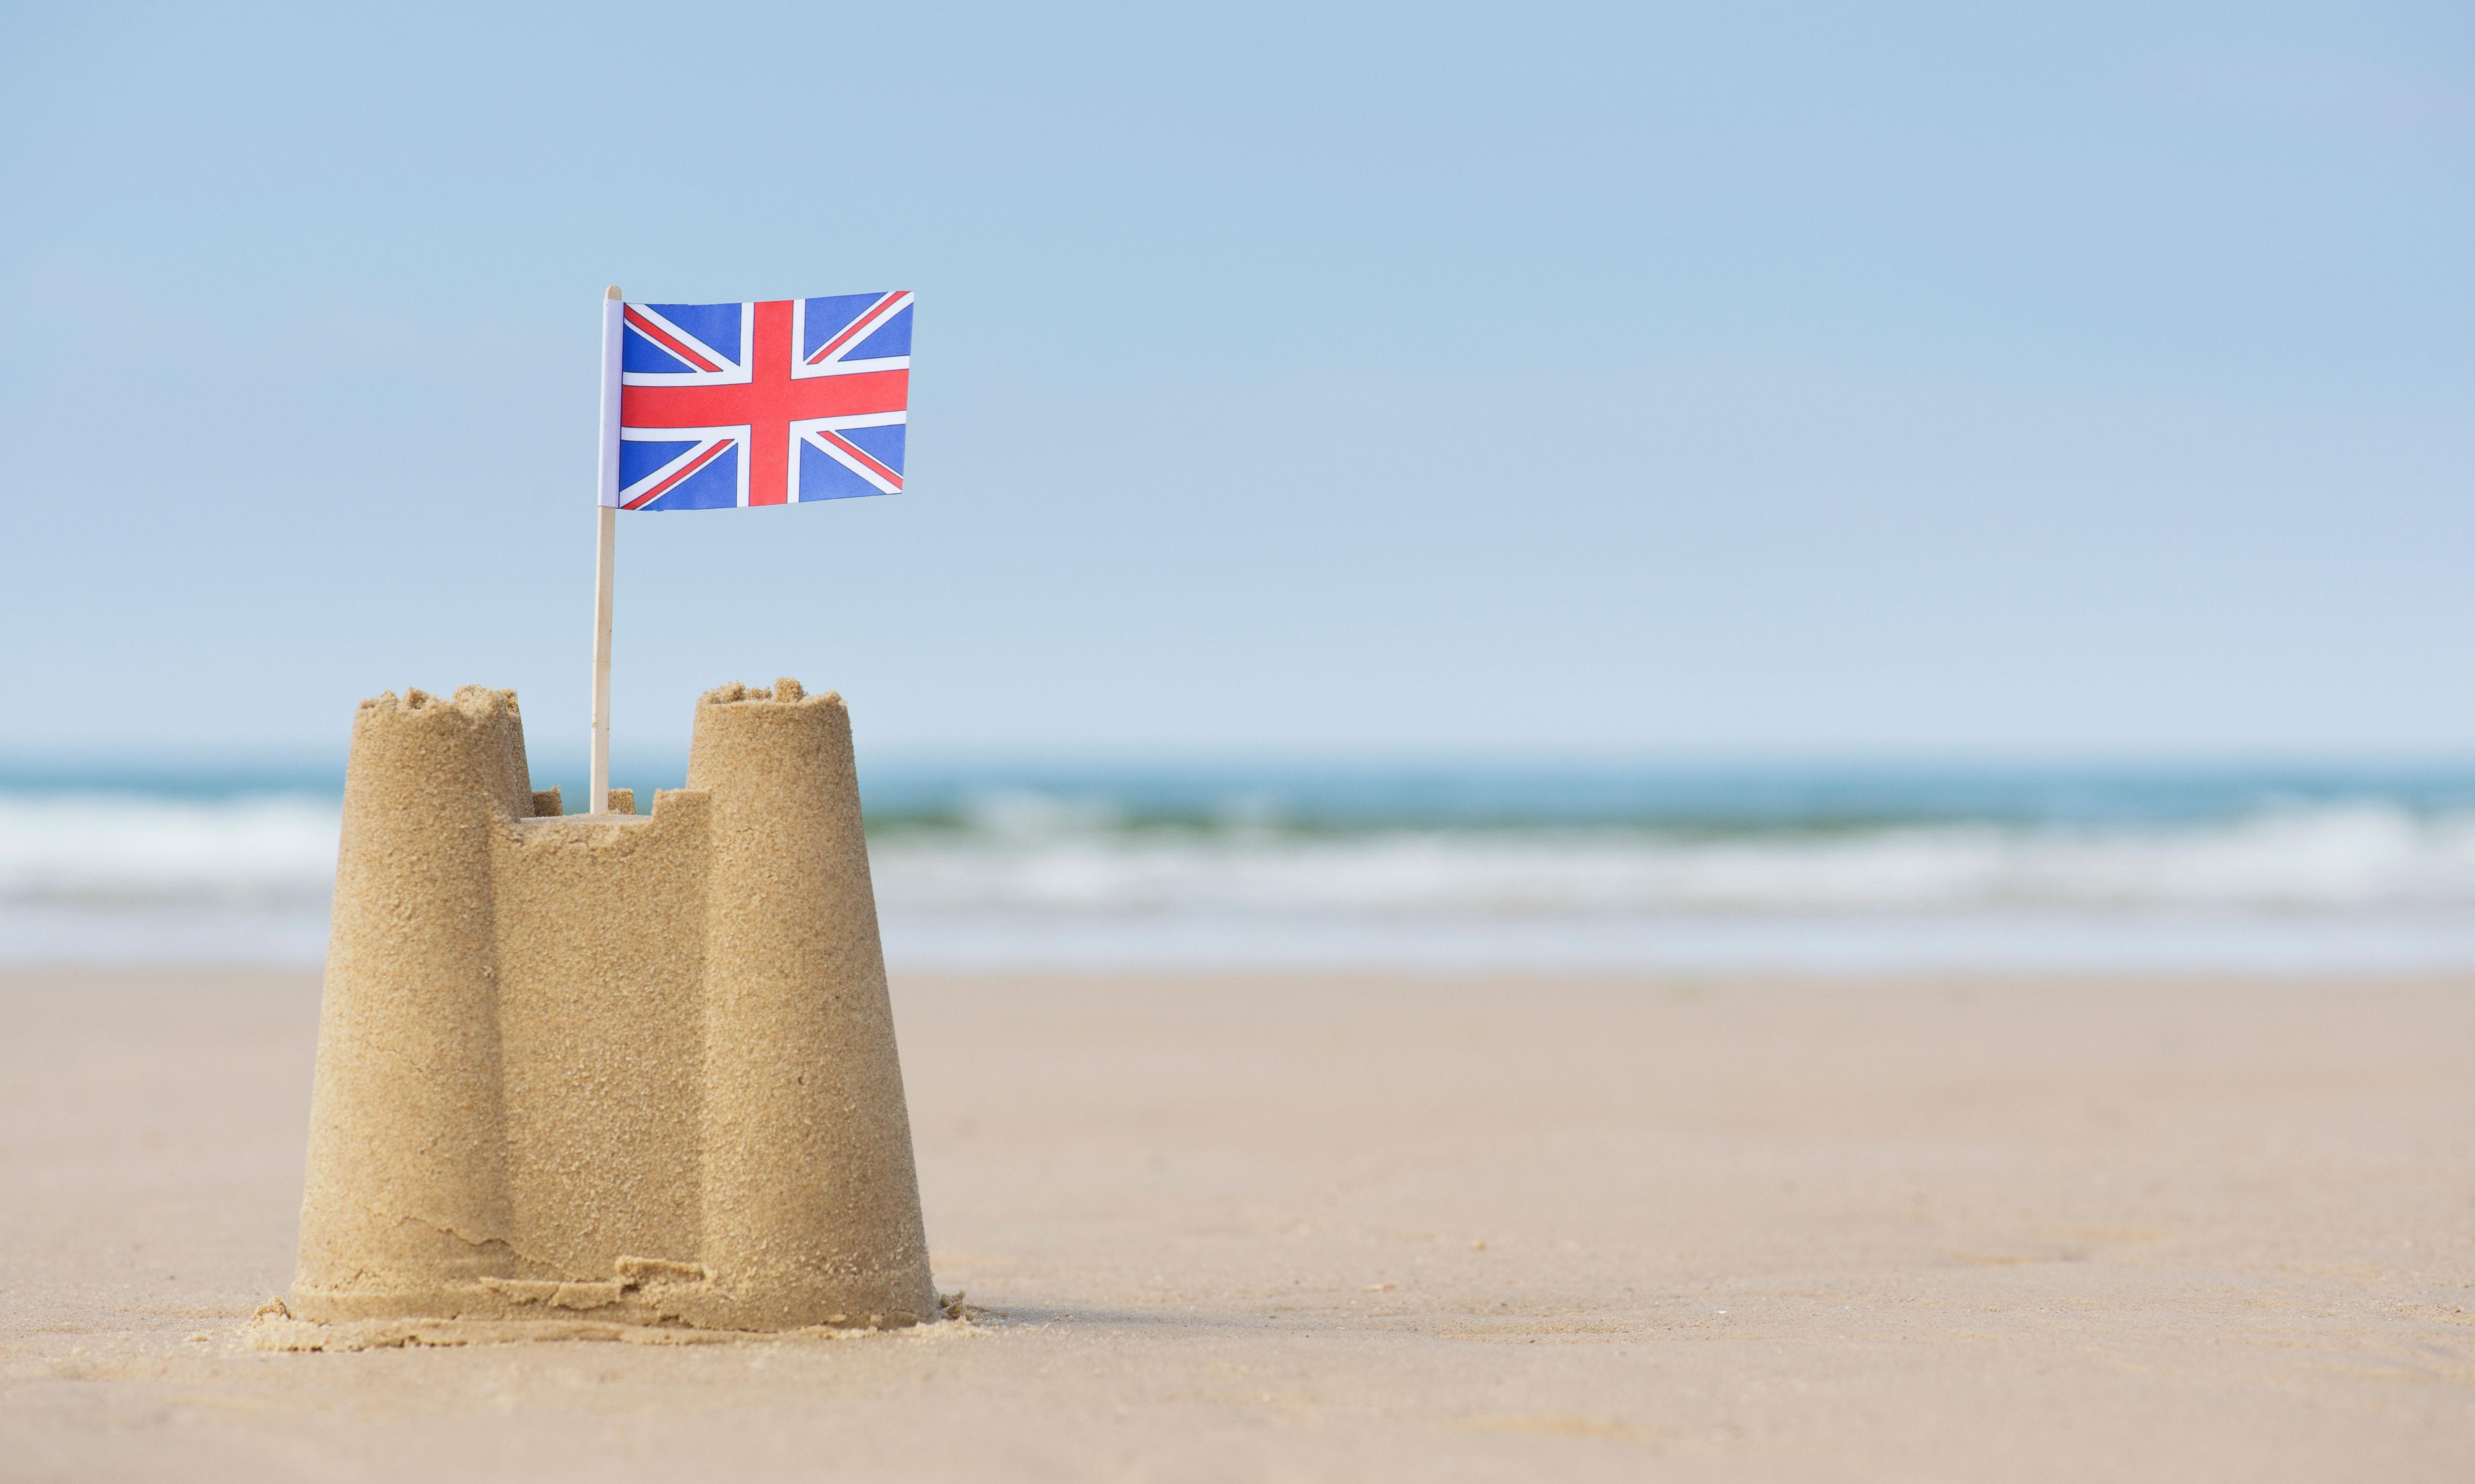 The fantasy of Britain at war could be nearing its last hurrah